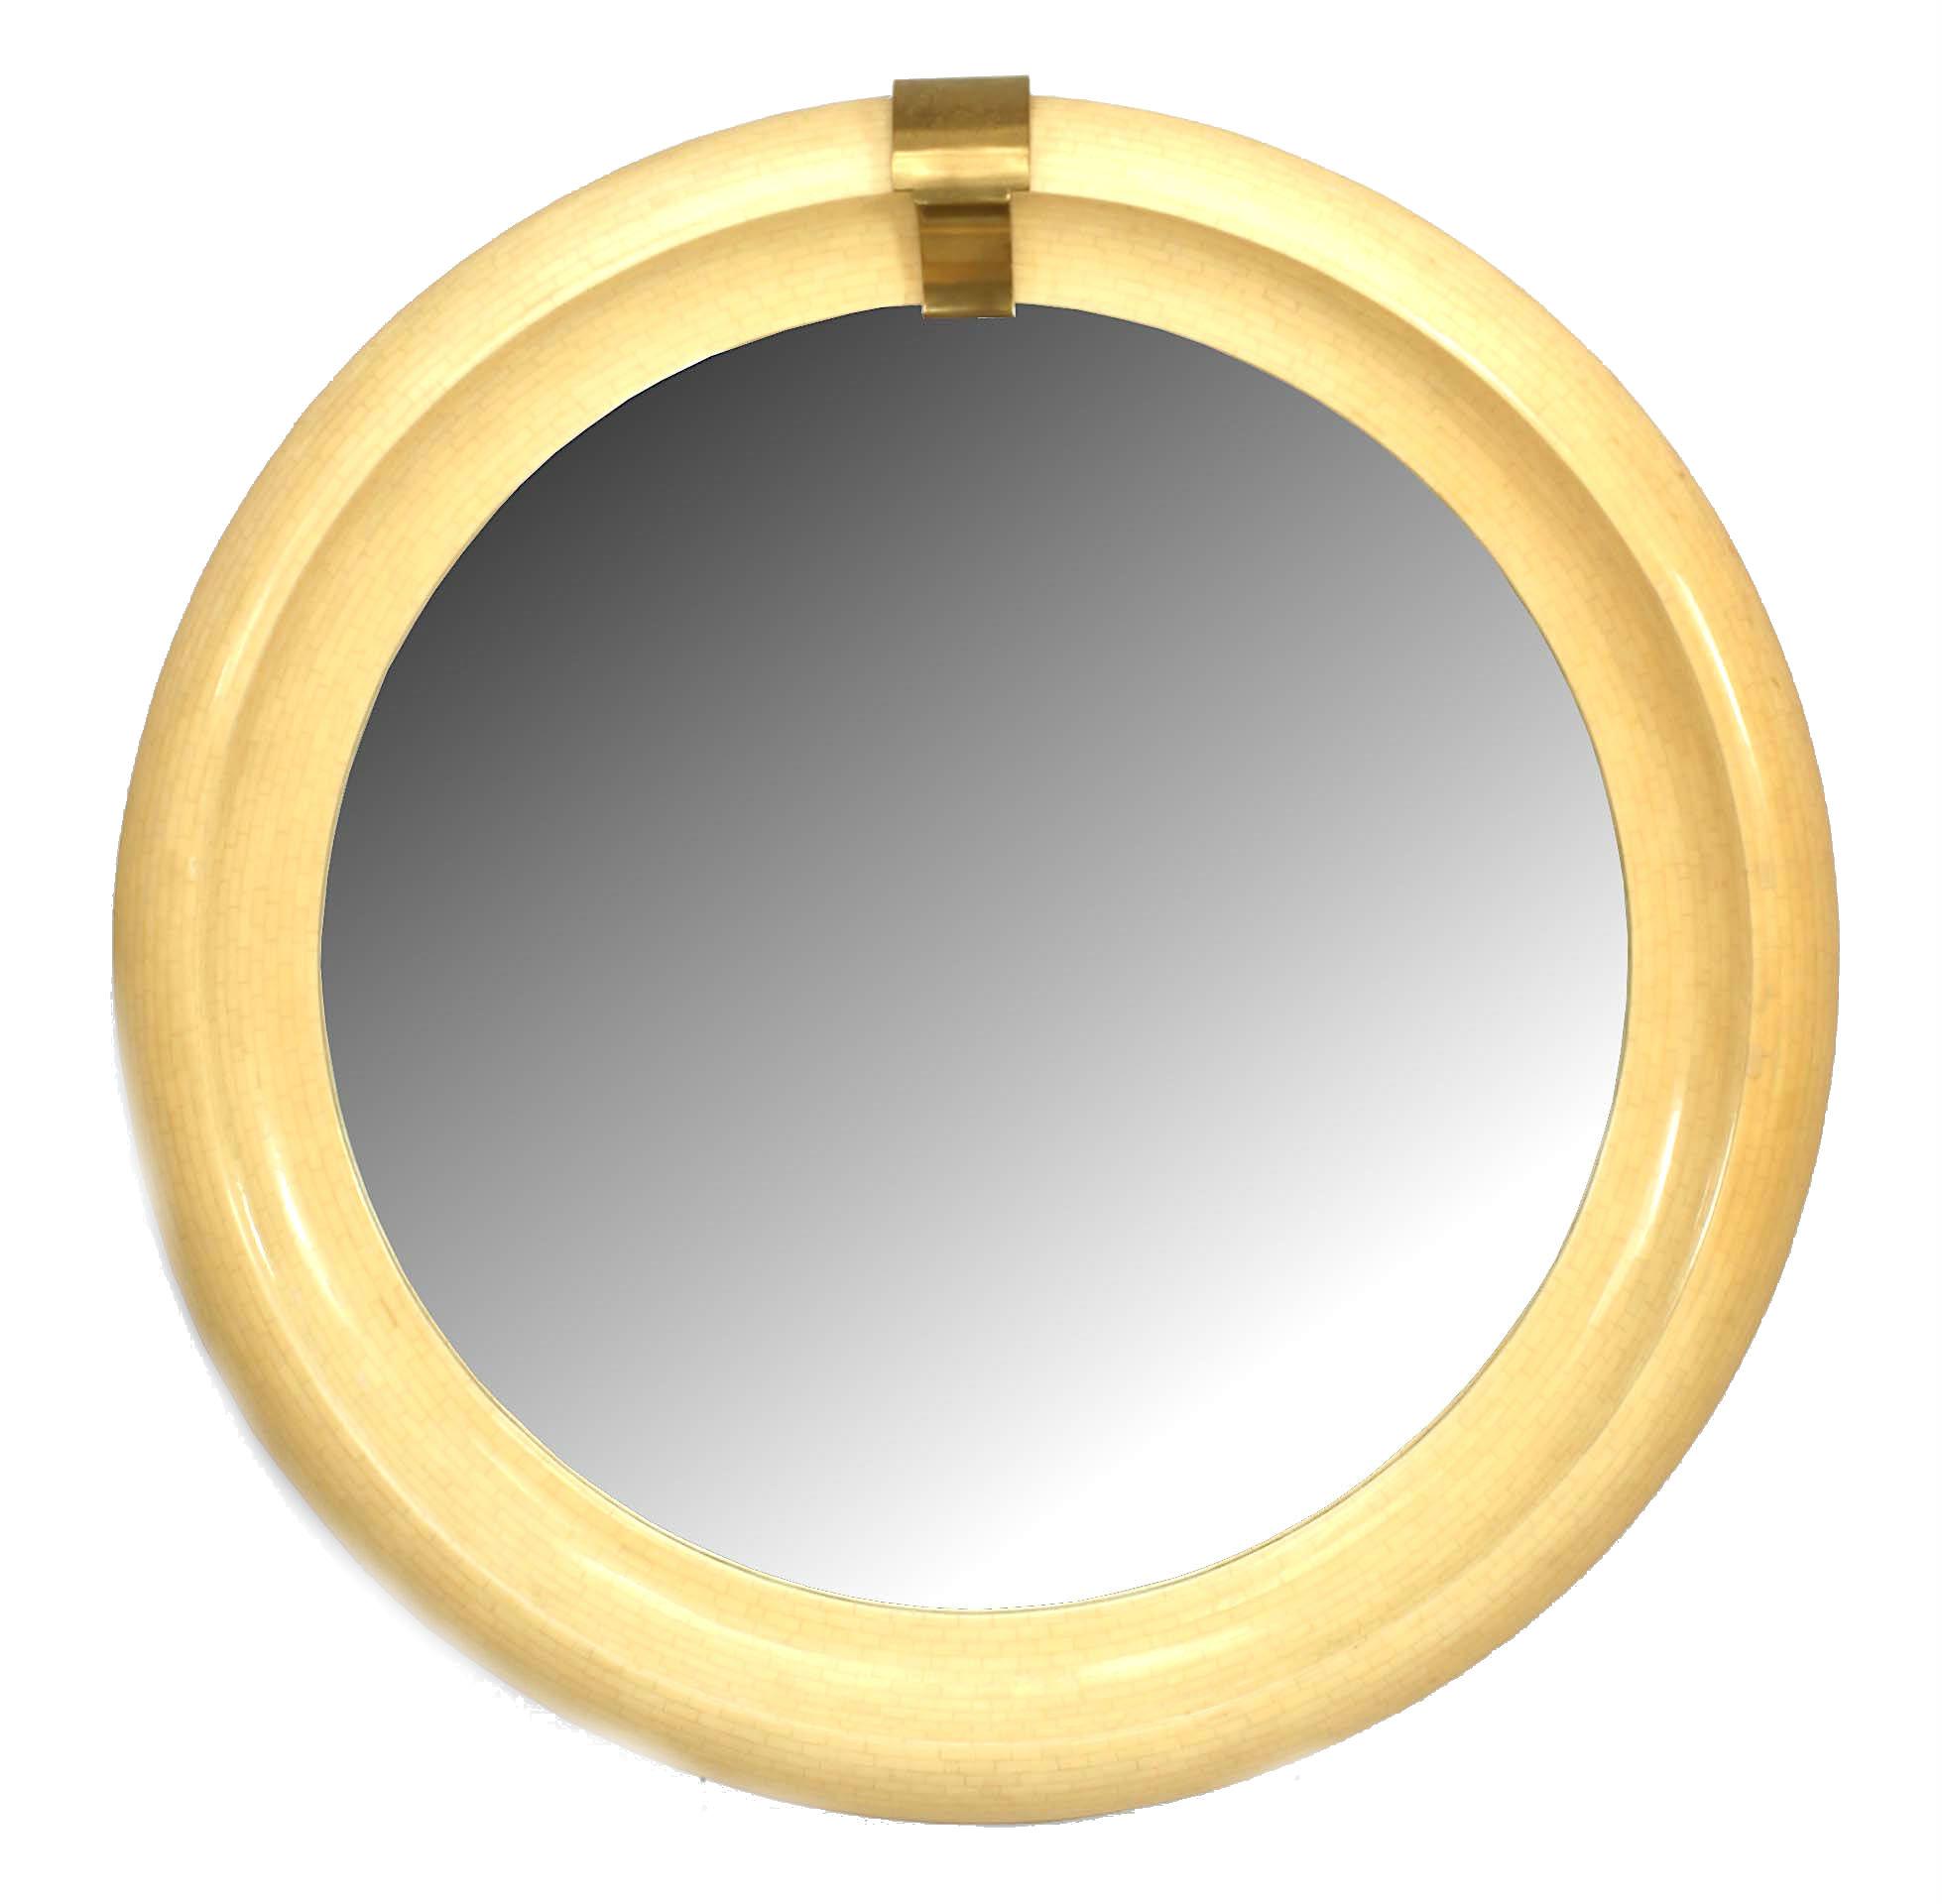 Mid Century Modern Springer Round Wall Mirror